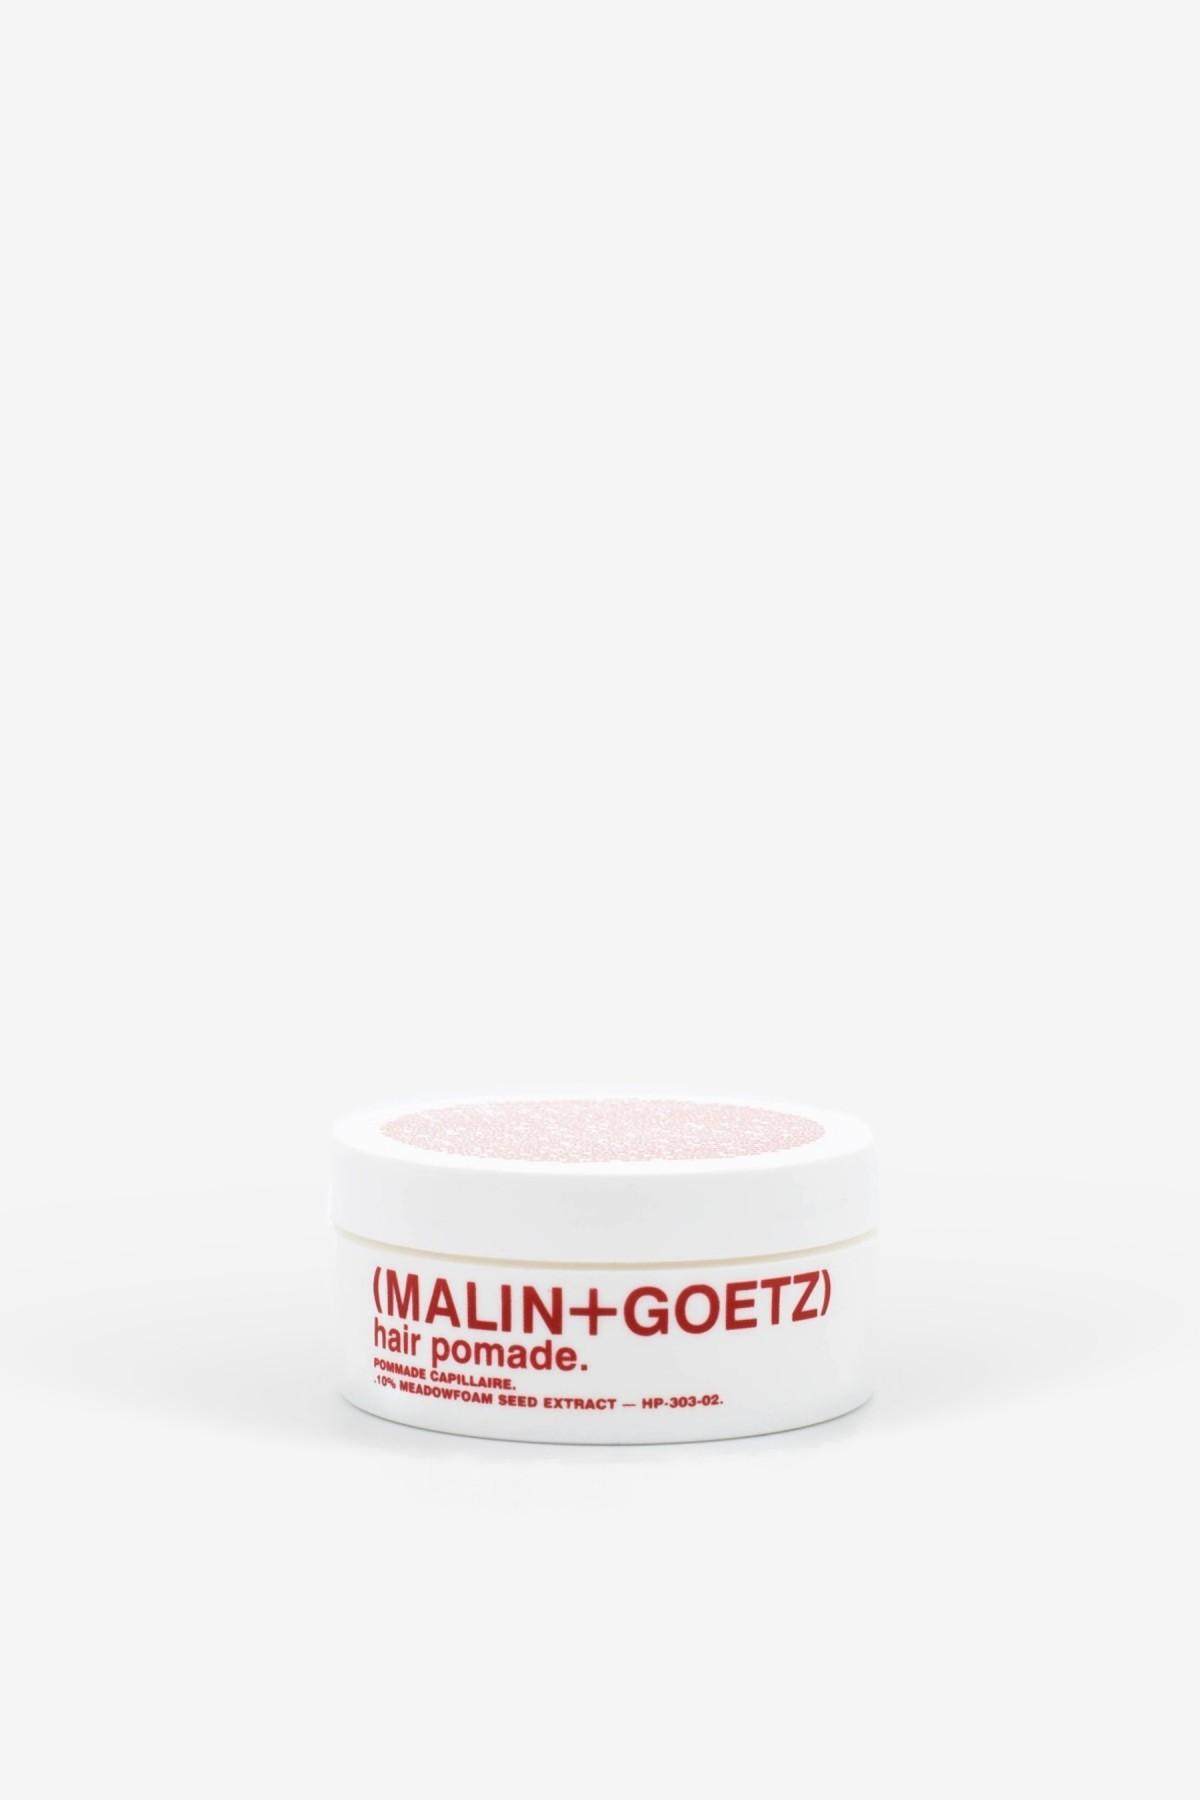 Malin+Goetz Hair Pomade 57g in